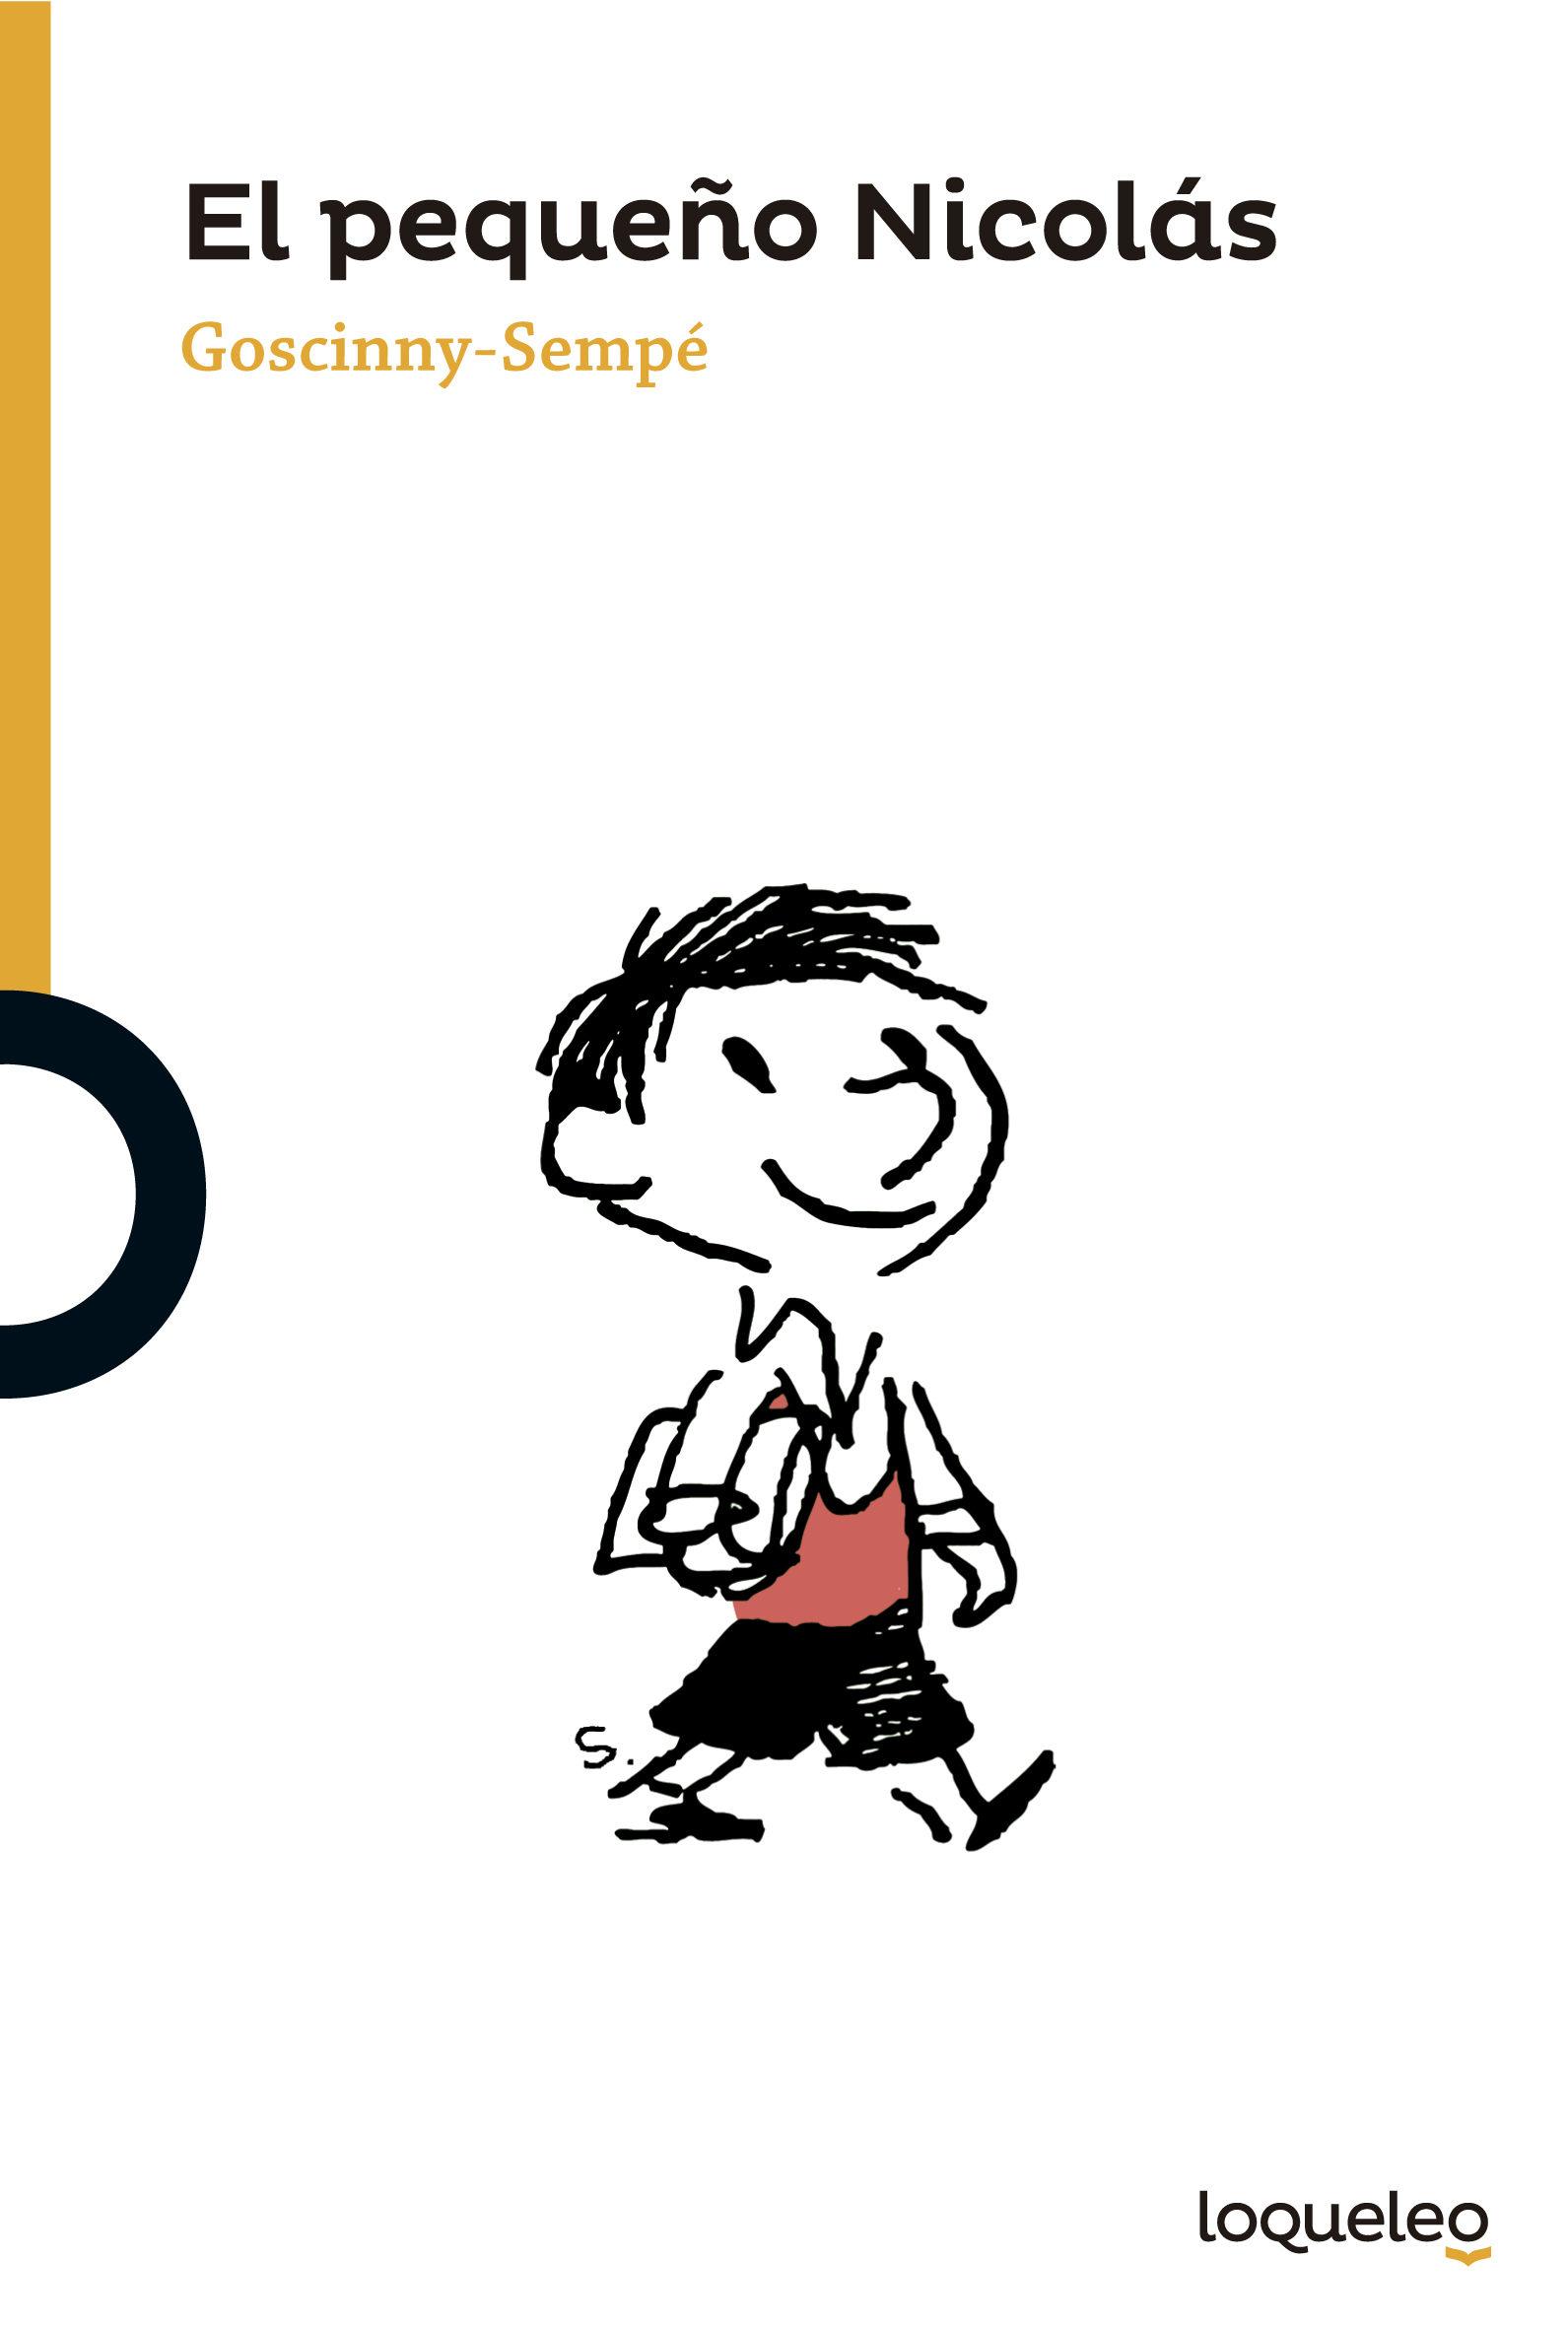 Libro infantil: El pequeño Nicolas